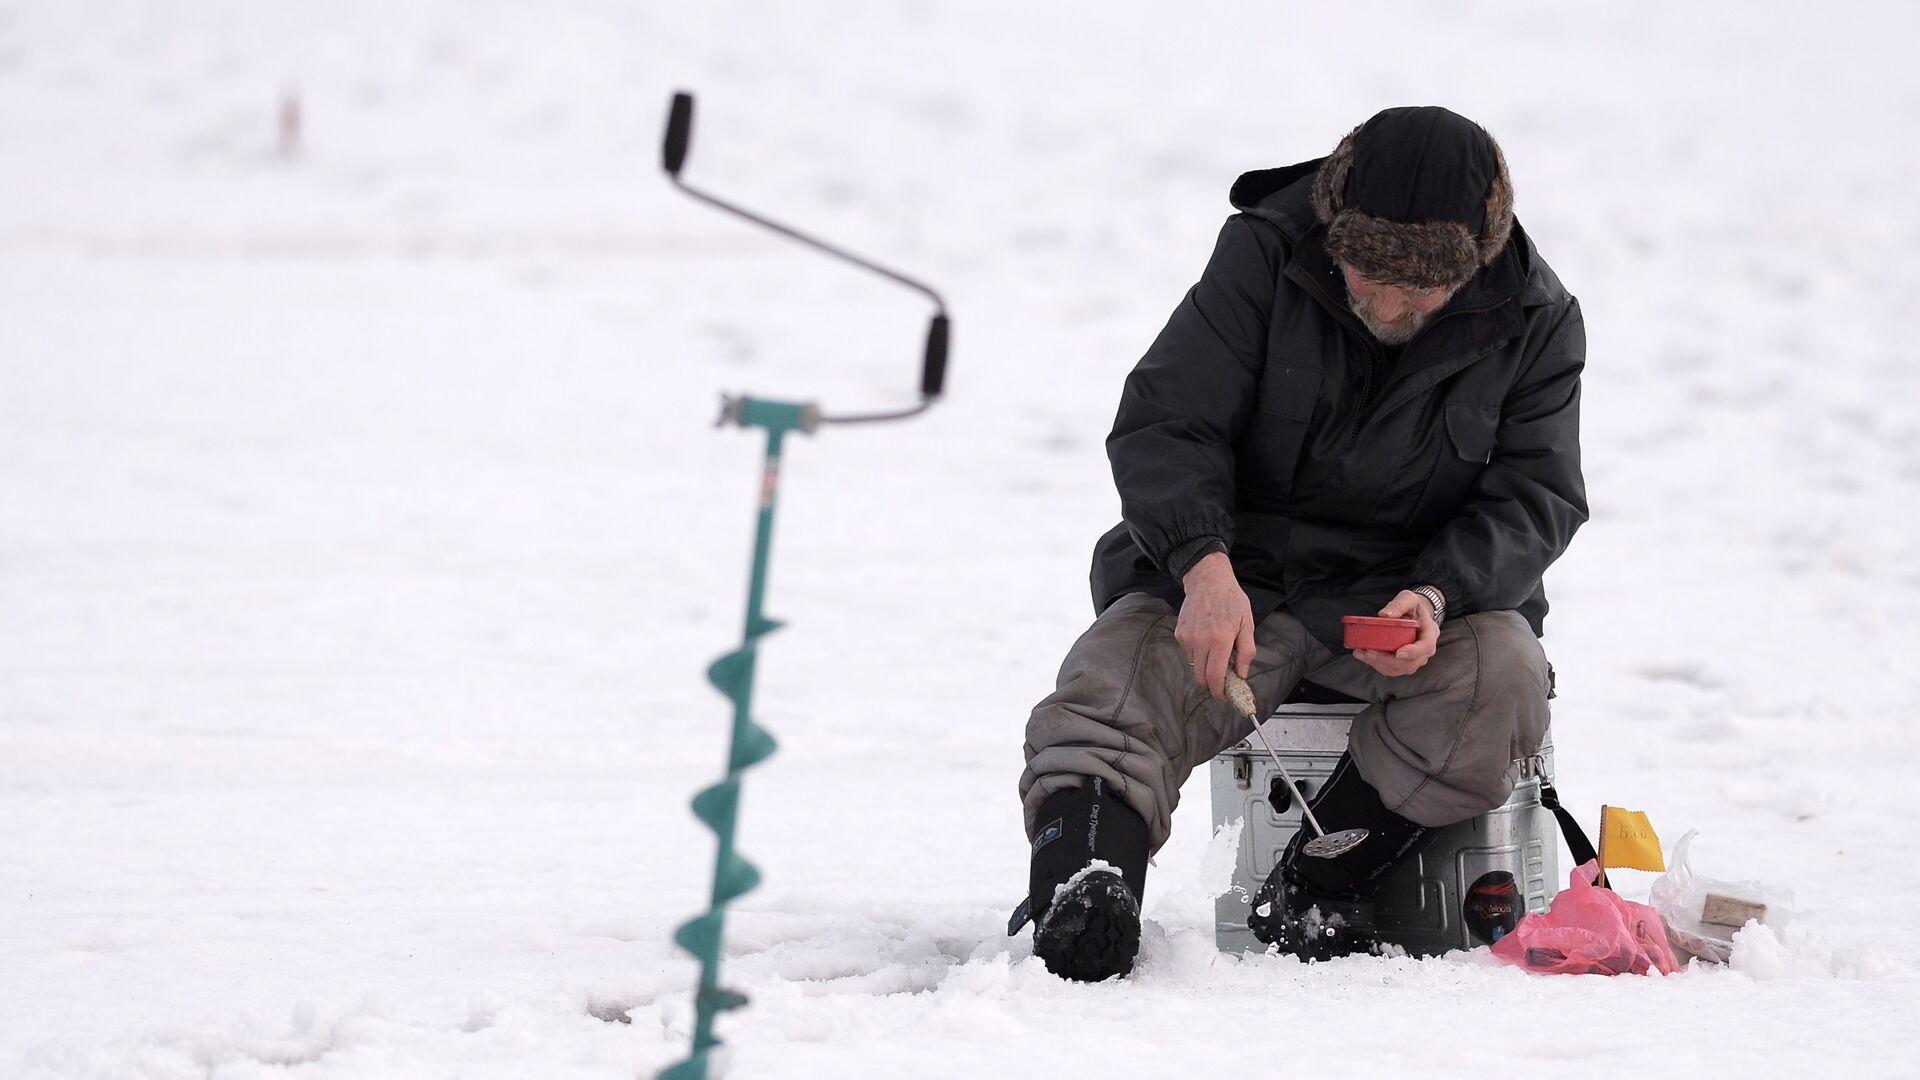 Участник этапа кубка Москвы по подледной рыбалке на мормышку, проходящий на Химкинском водохранилище - РИА Новости, 1920, 11.02.2021